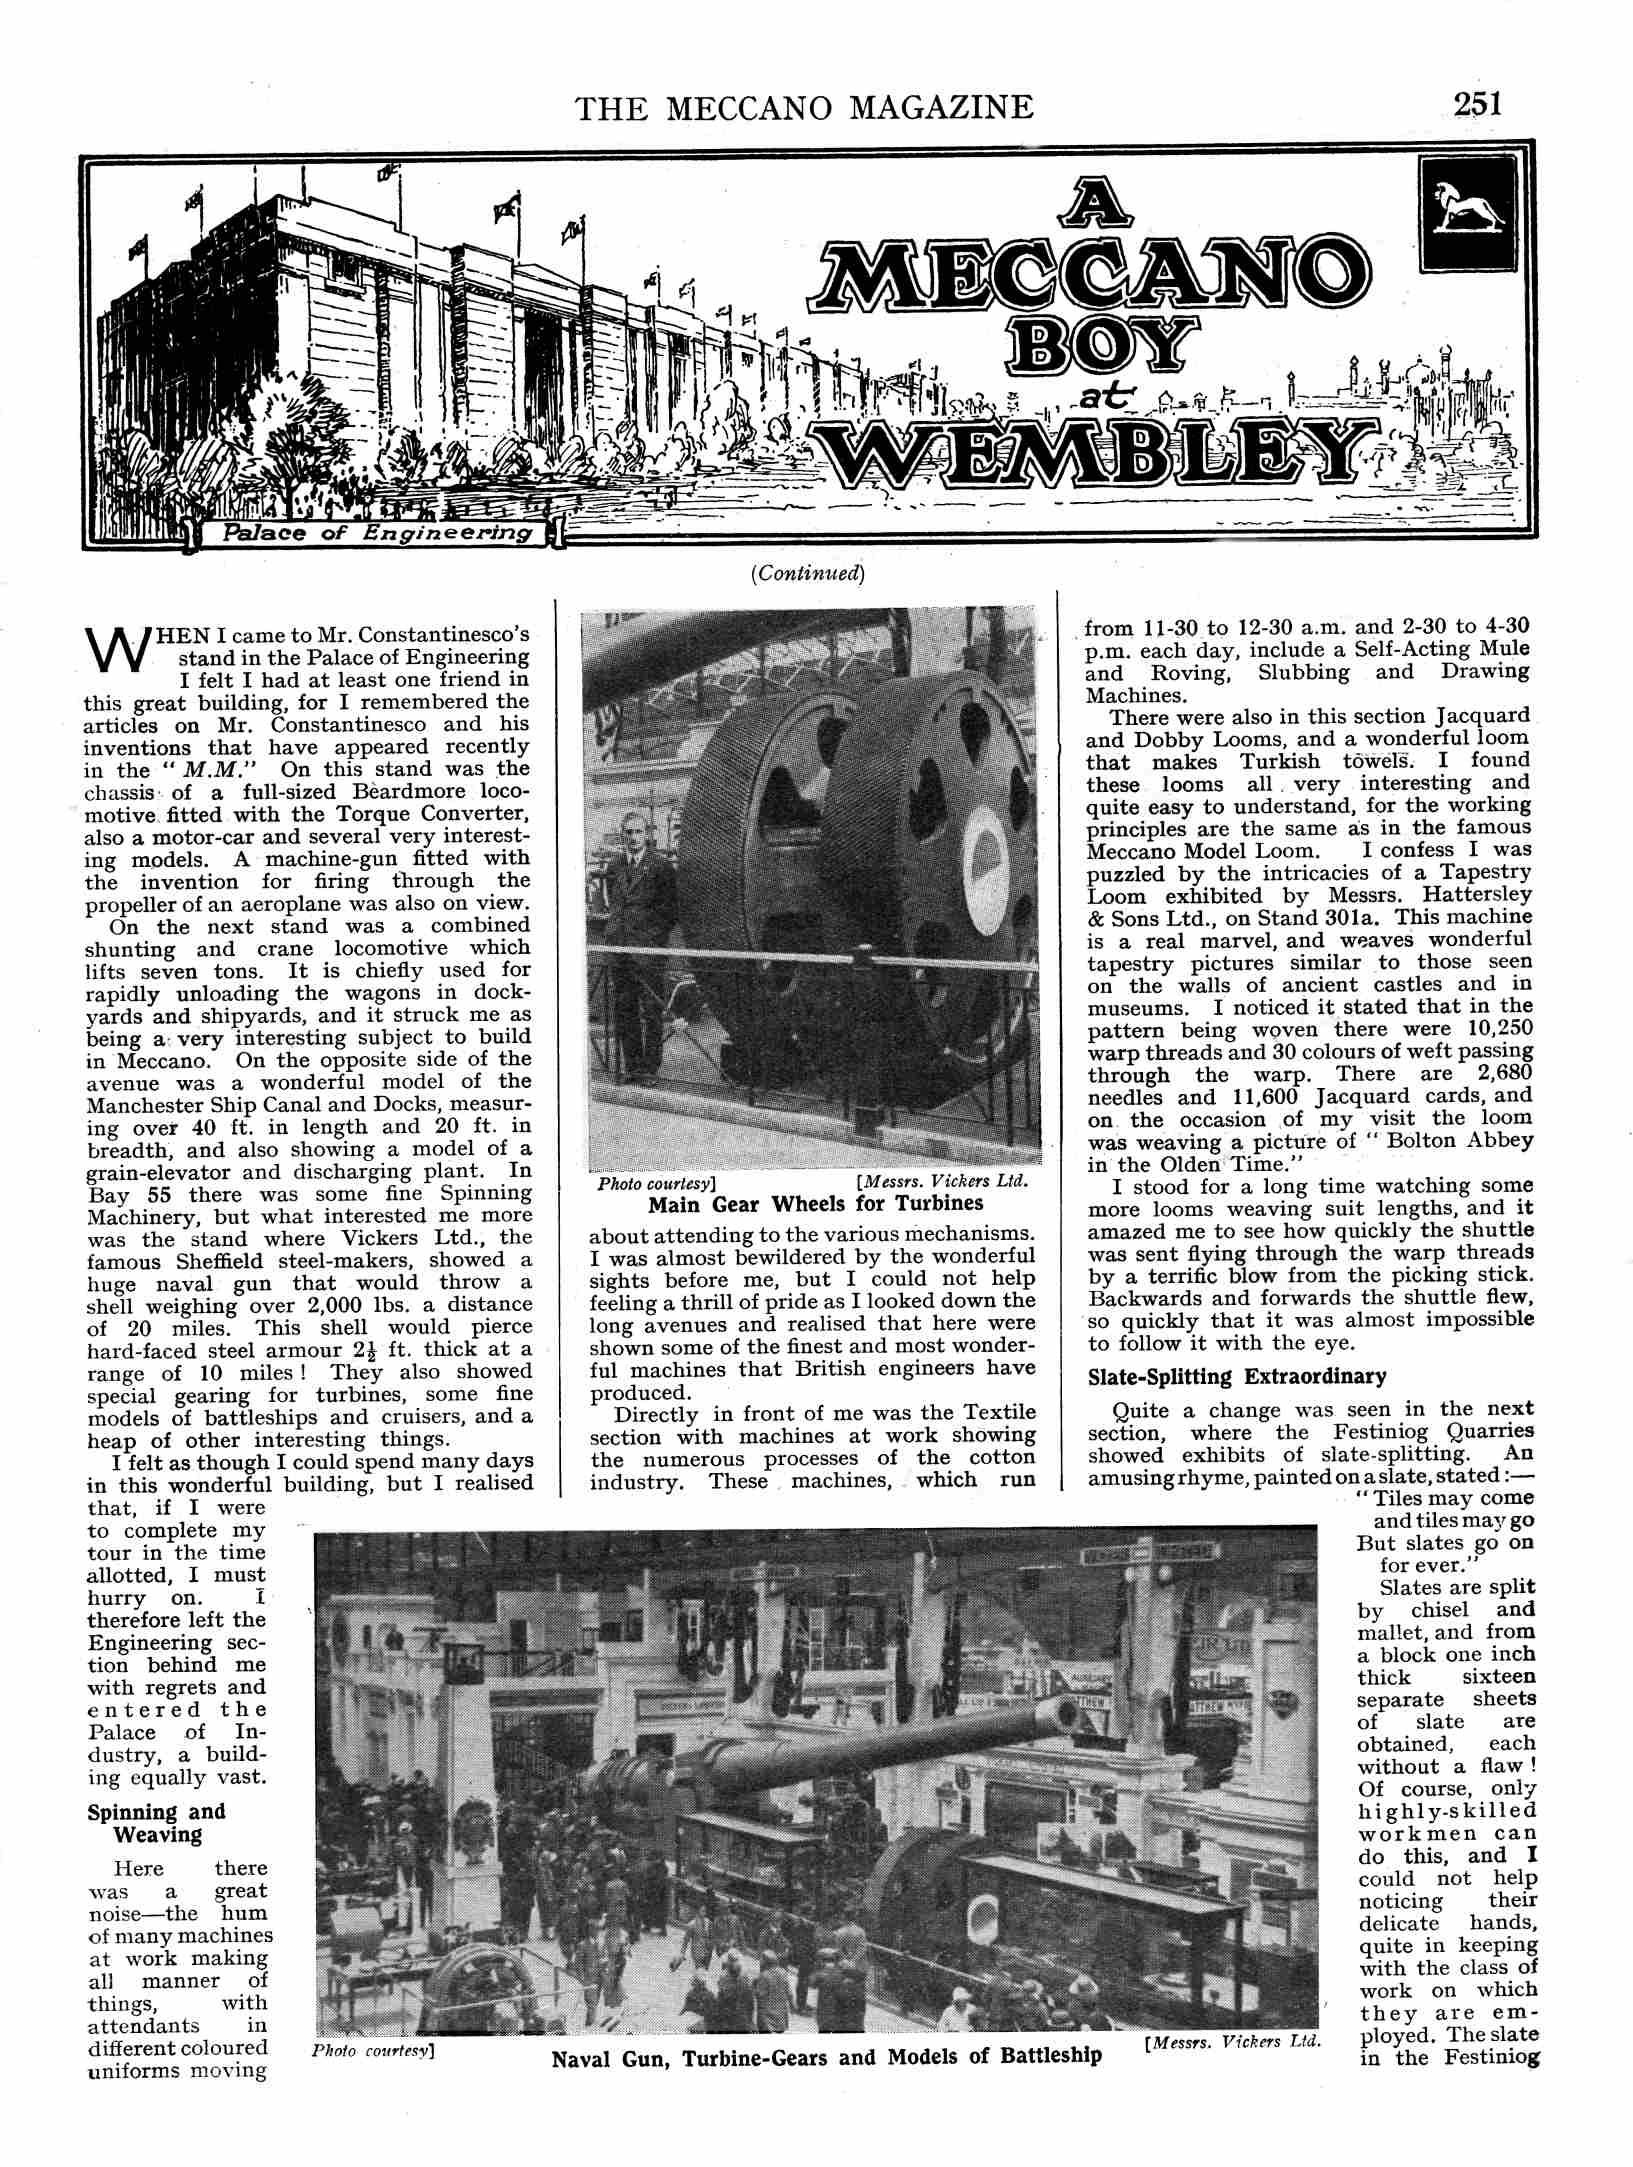 UK Meccano Magazine September 1924 Page 251